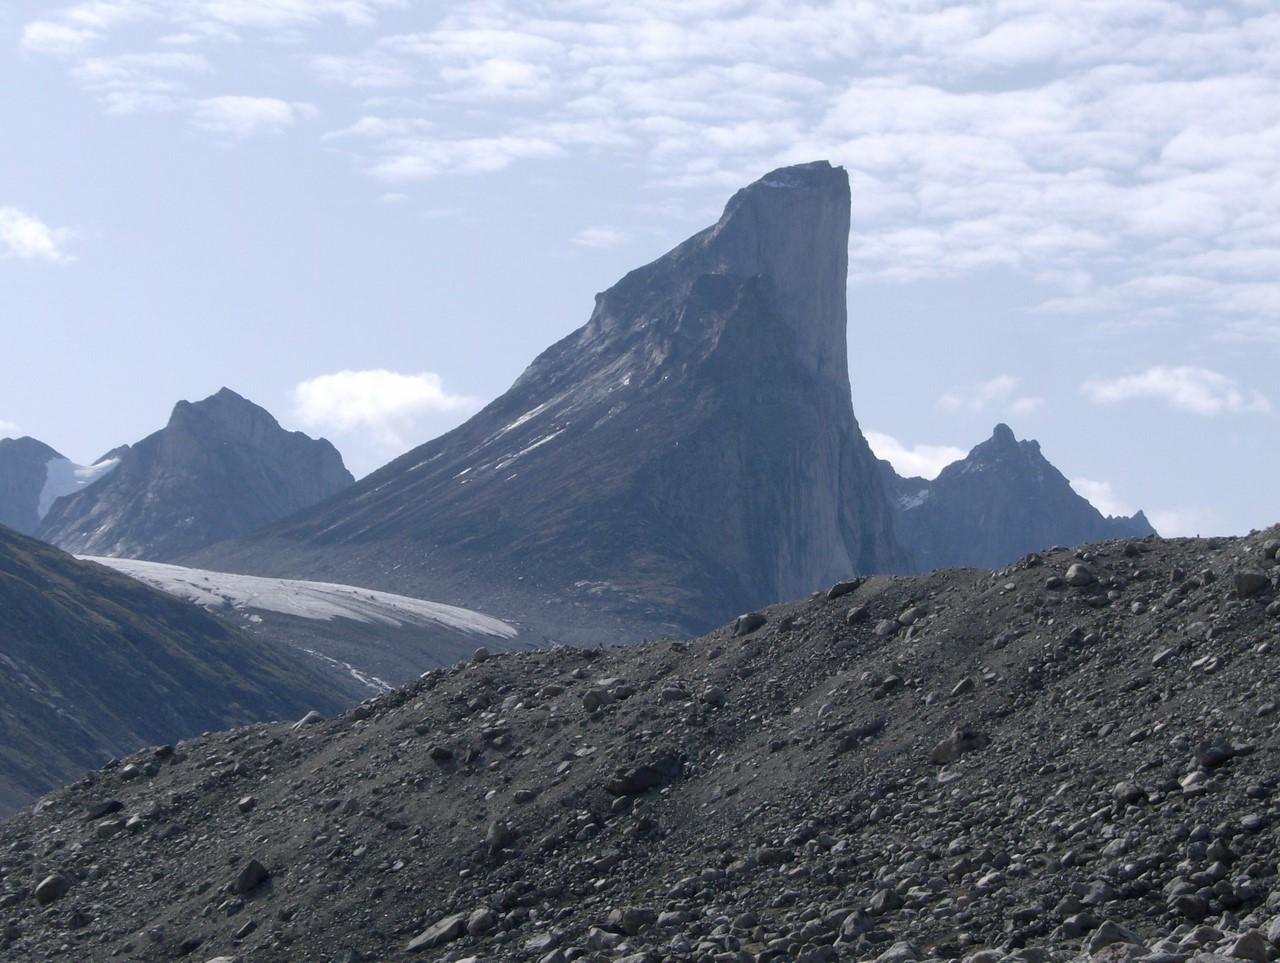 Самая высокая вертикальная скала в мире восхождения, горной, склона, достигает, самая, стены, уклон, метра, высокая, Канады, частью, Первые, Наиболее, спуски, вершин, популярная, крутого, АрктическихКордильеров, благоприятные, месяцы